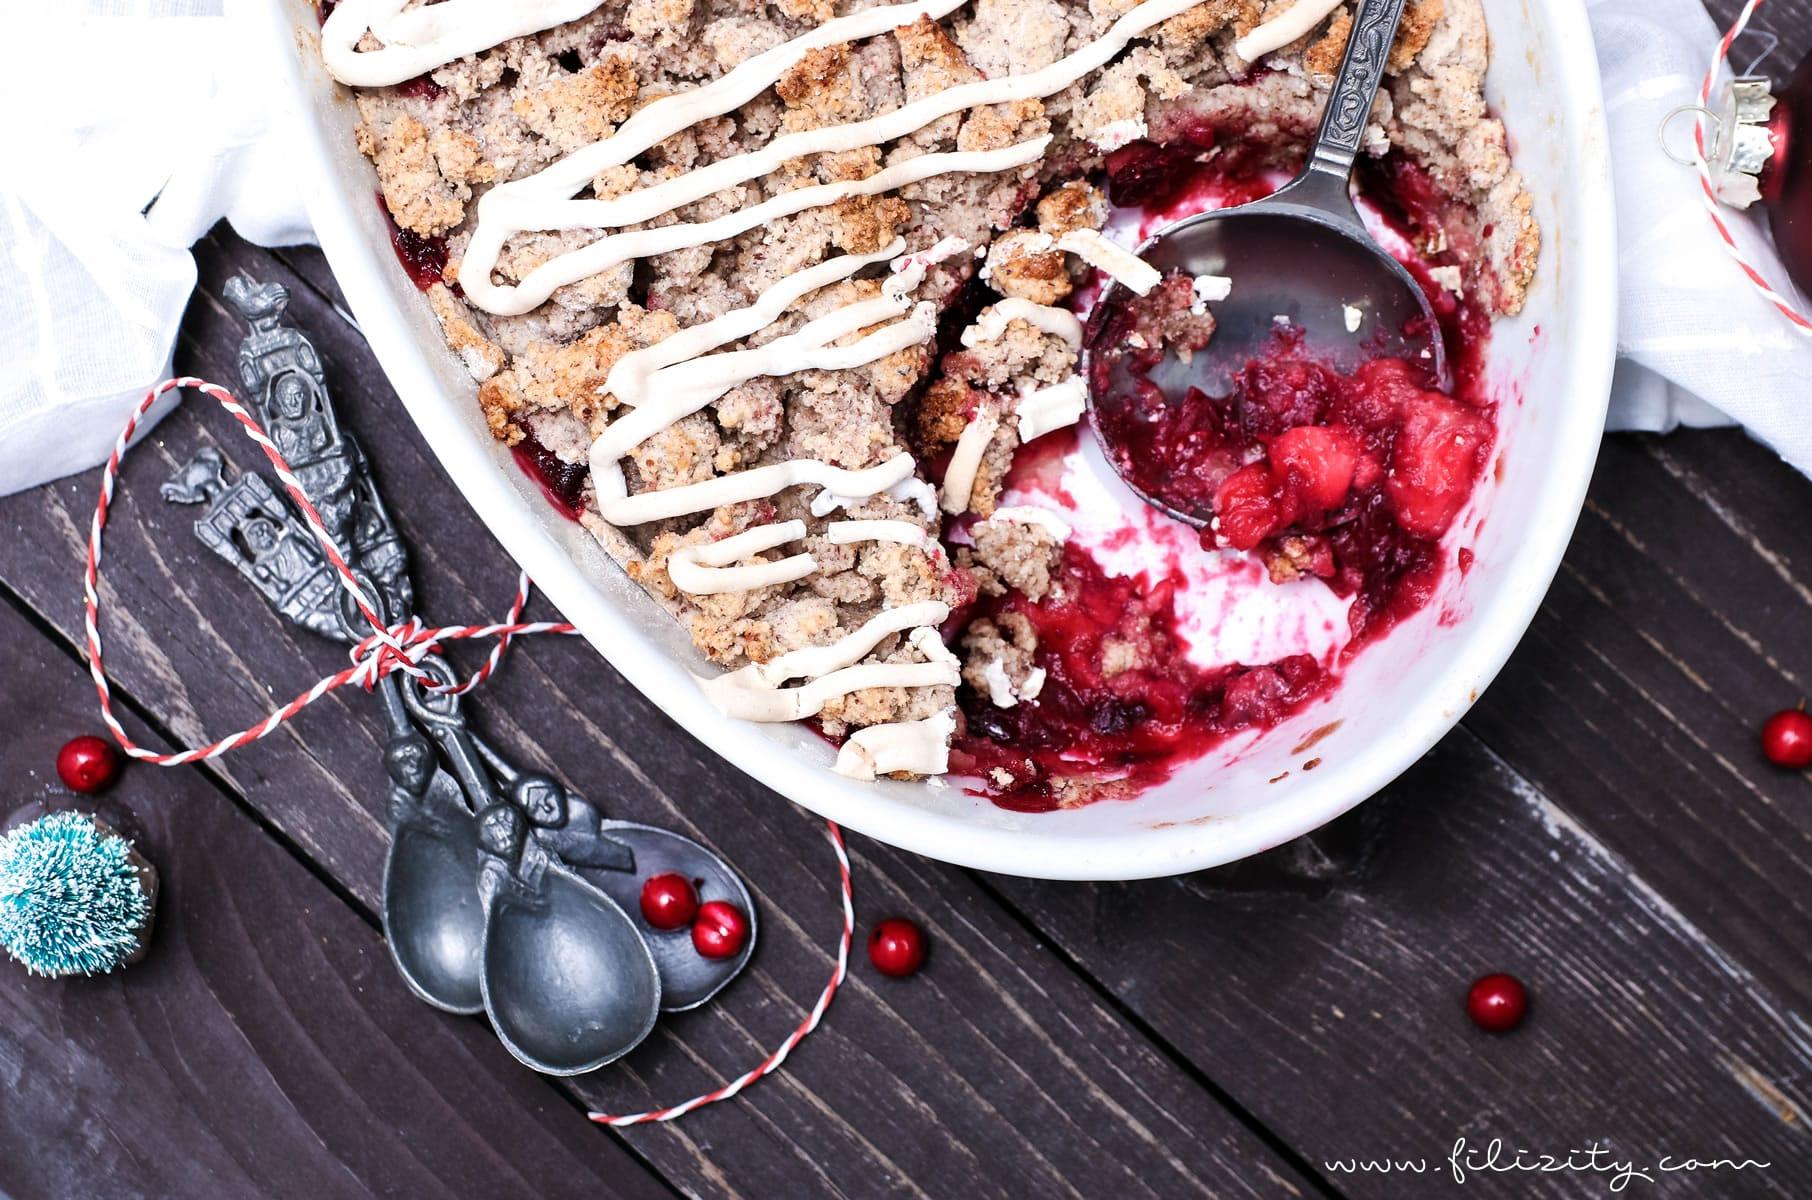 Rezept für Weihnachts-Crumble mit Cranberries und Zimtsterne-Streuseln | Filizity.com | Food-Blog aus dem Rheinland #dessert #weihnachten #zimtsterne #plätzchen